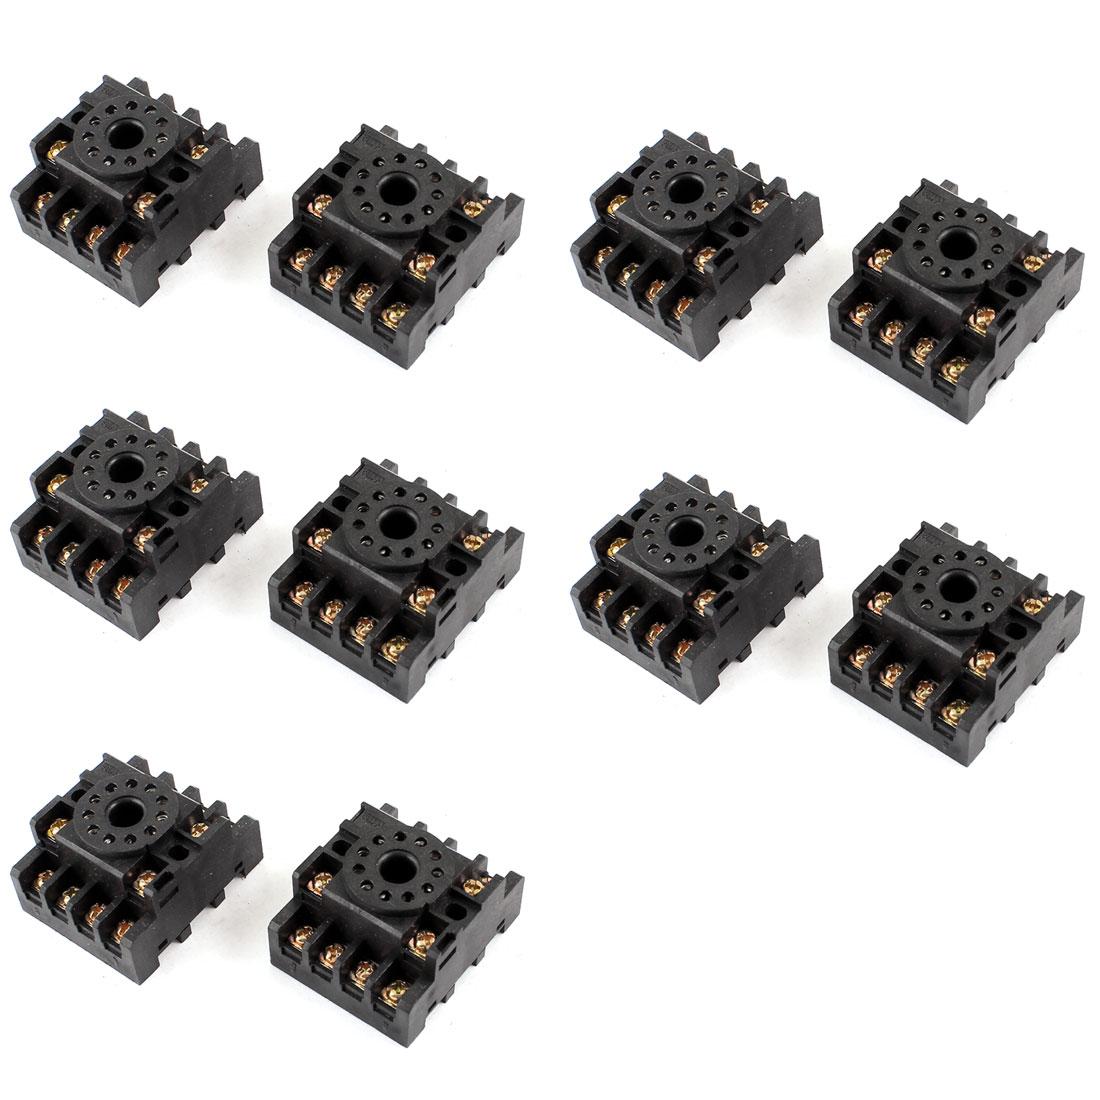 10pcs PF113A 11-Pin 11P DIN Rail Mount Relay Socket Base for JTX-3C